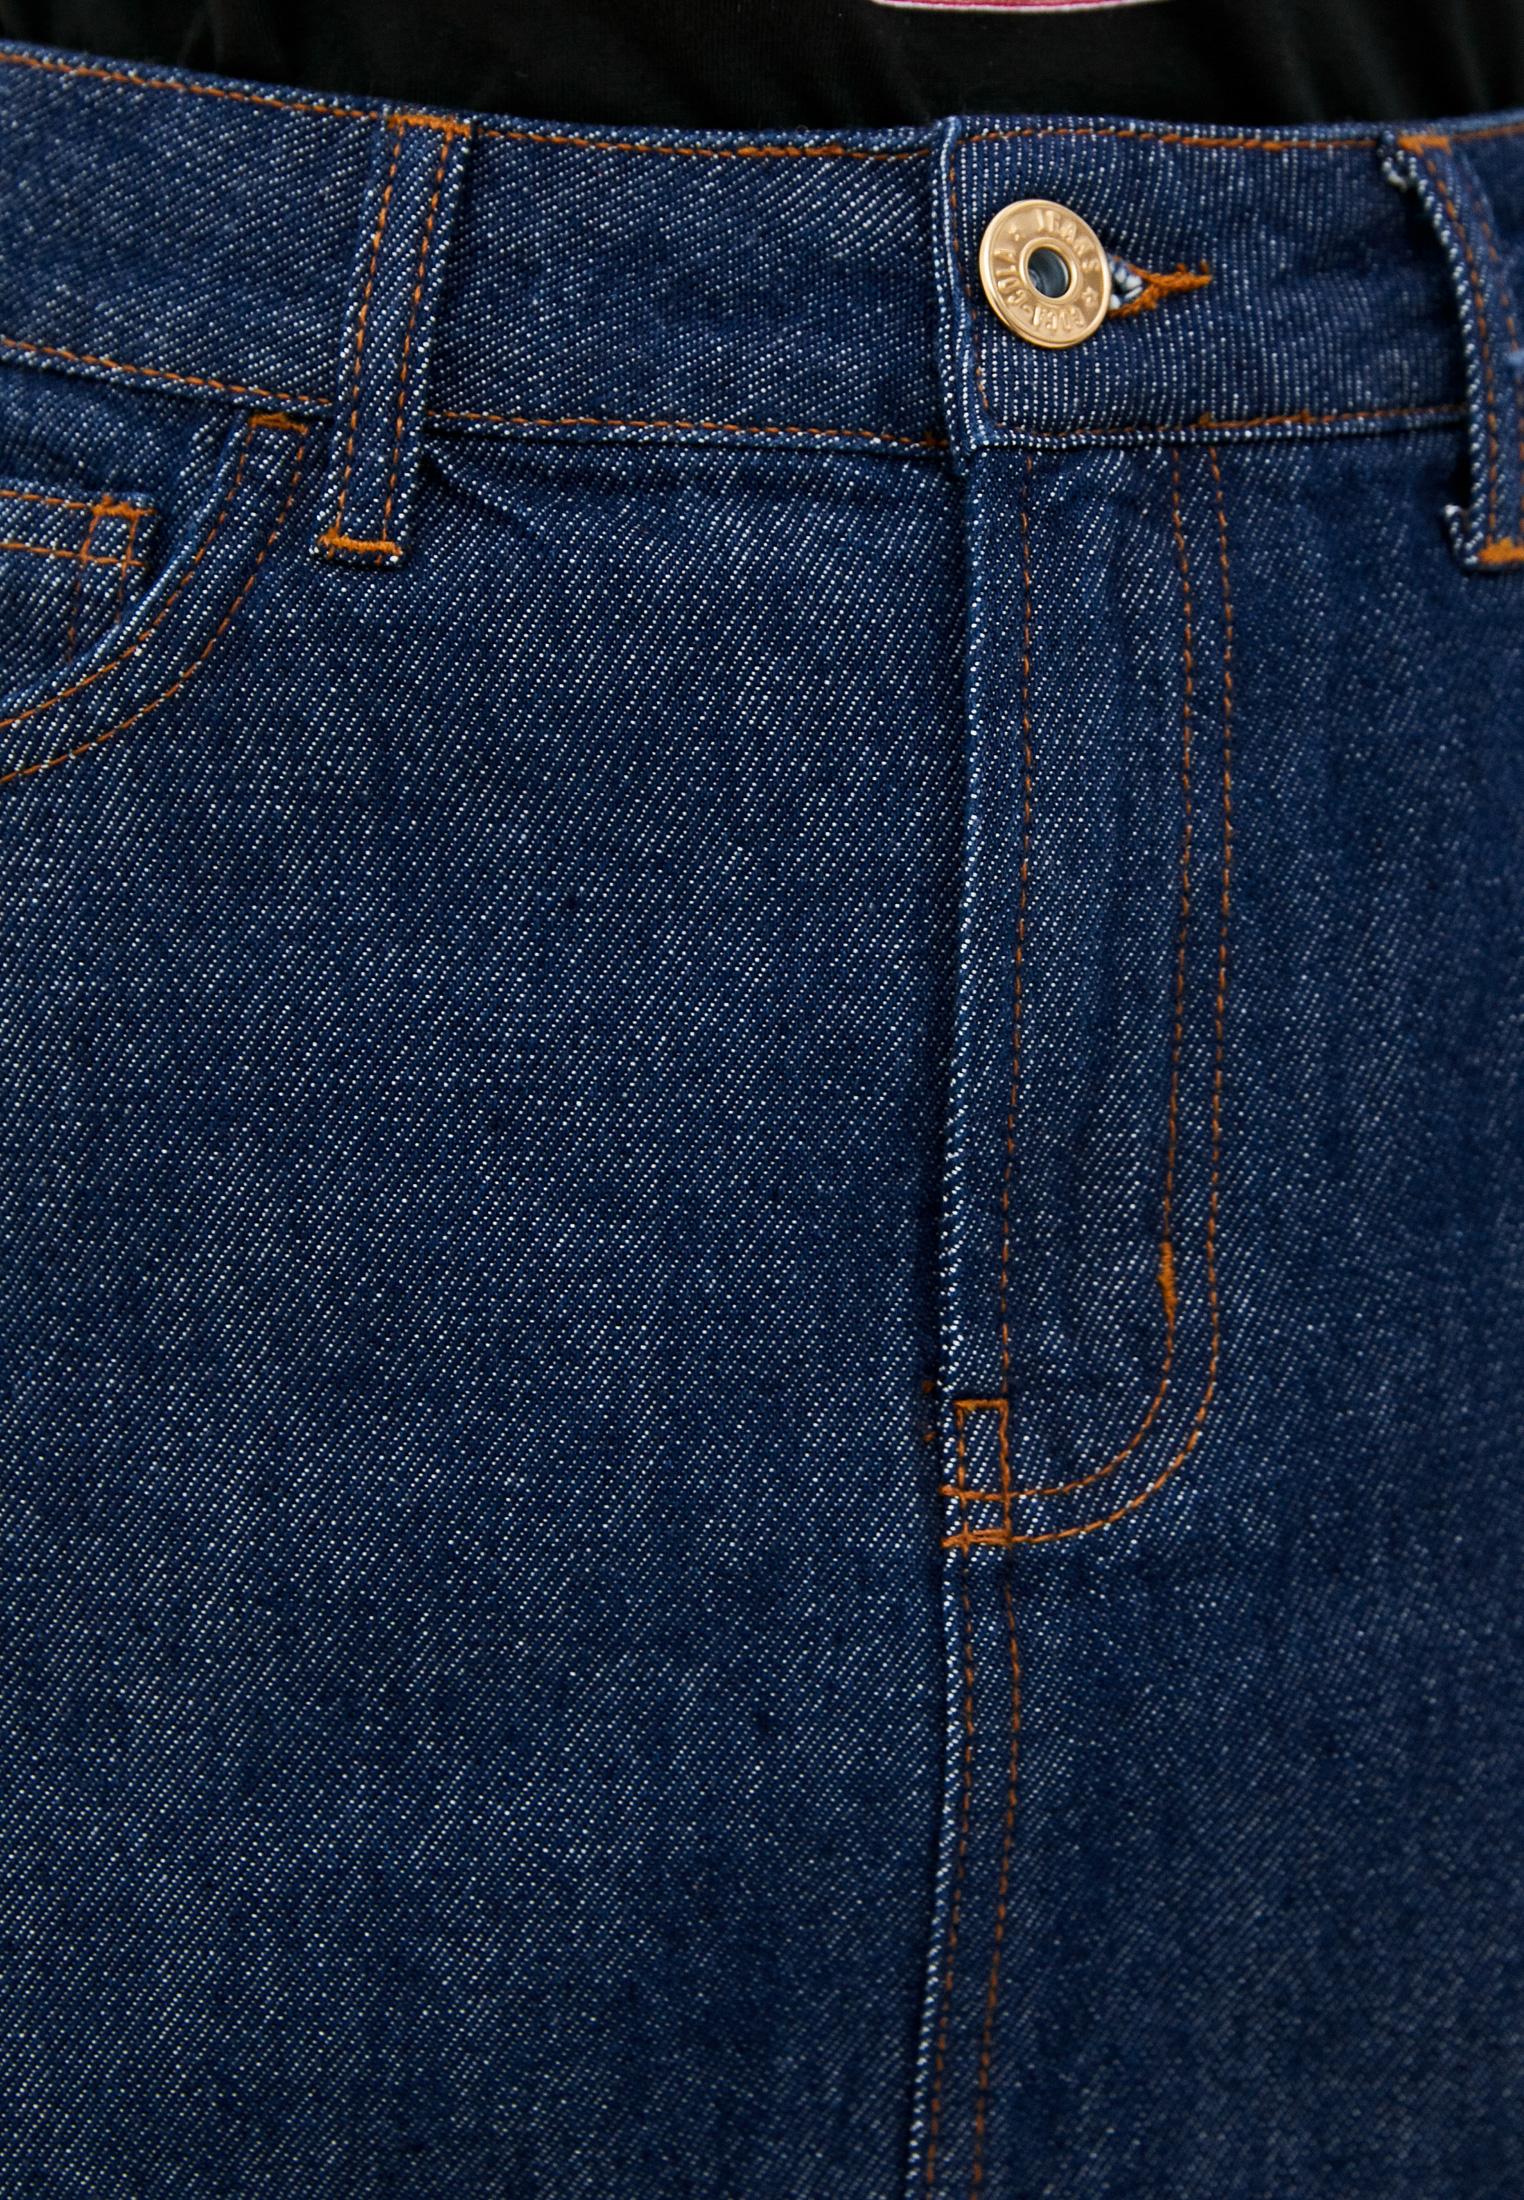 Джинсовая юбка Coca Cola Jeans 008.32.00996: изображение 4